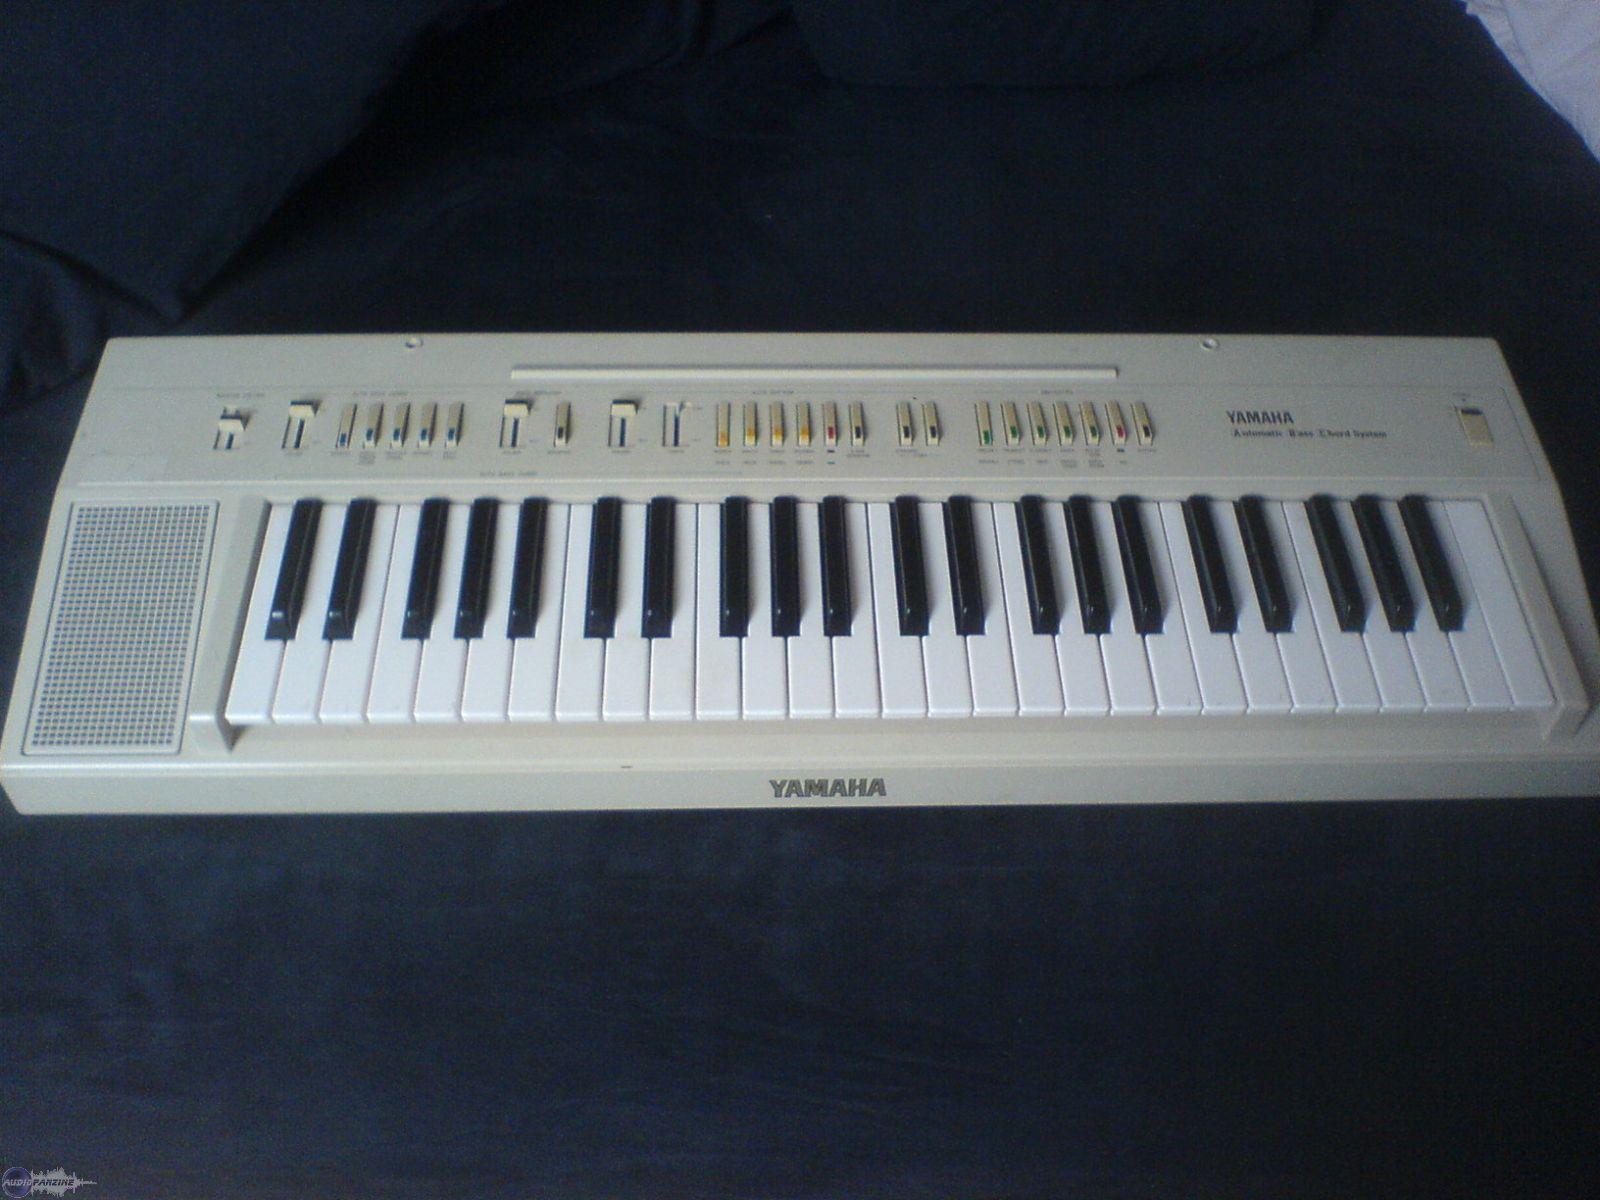 Yamaha automatic bass chord system image 1060850 audiofanzine yamaha automatic bass chord system kristyandbryce Images